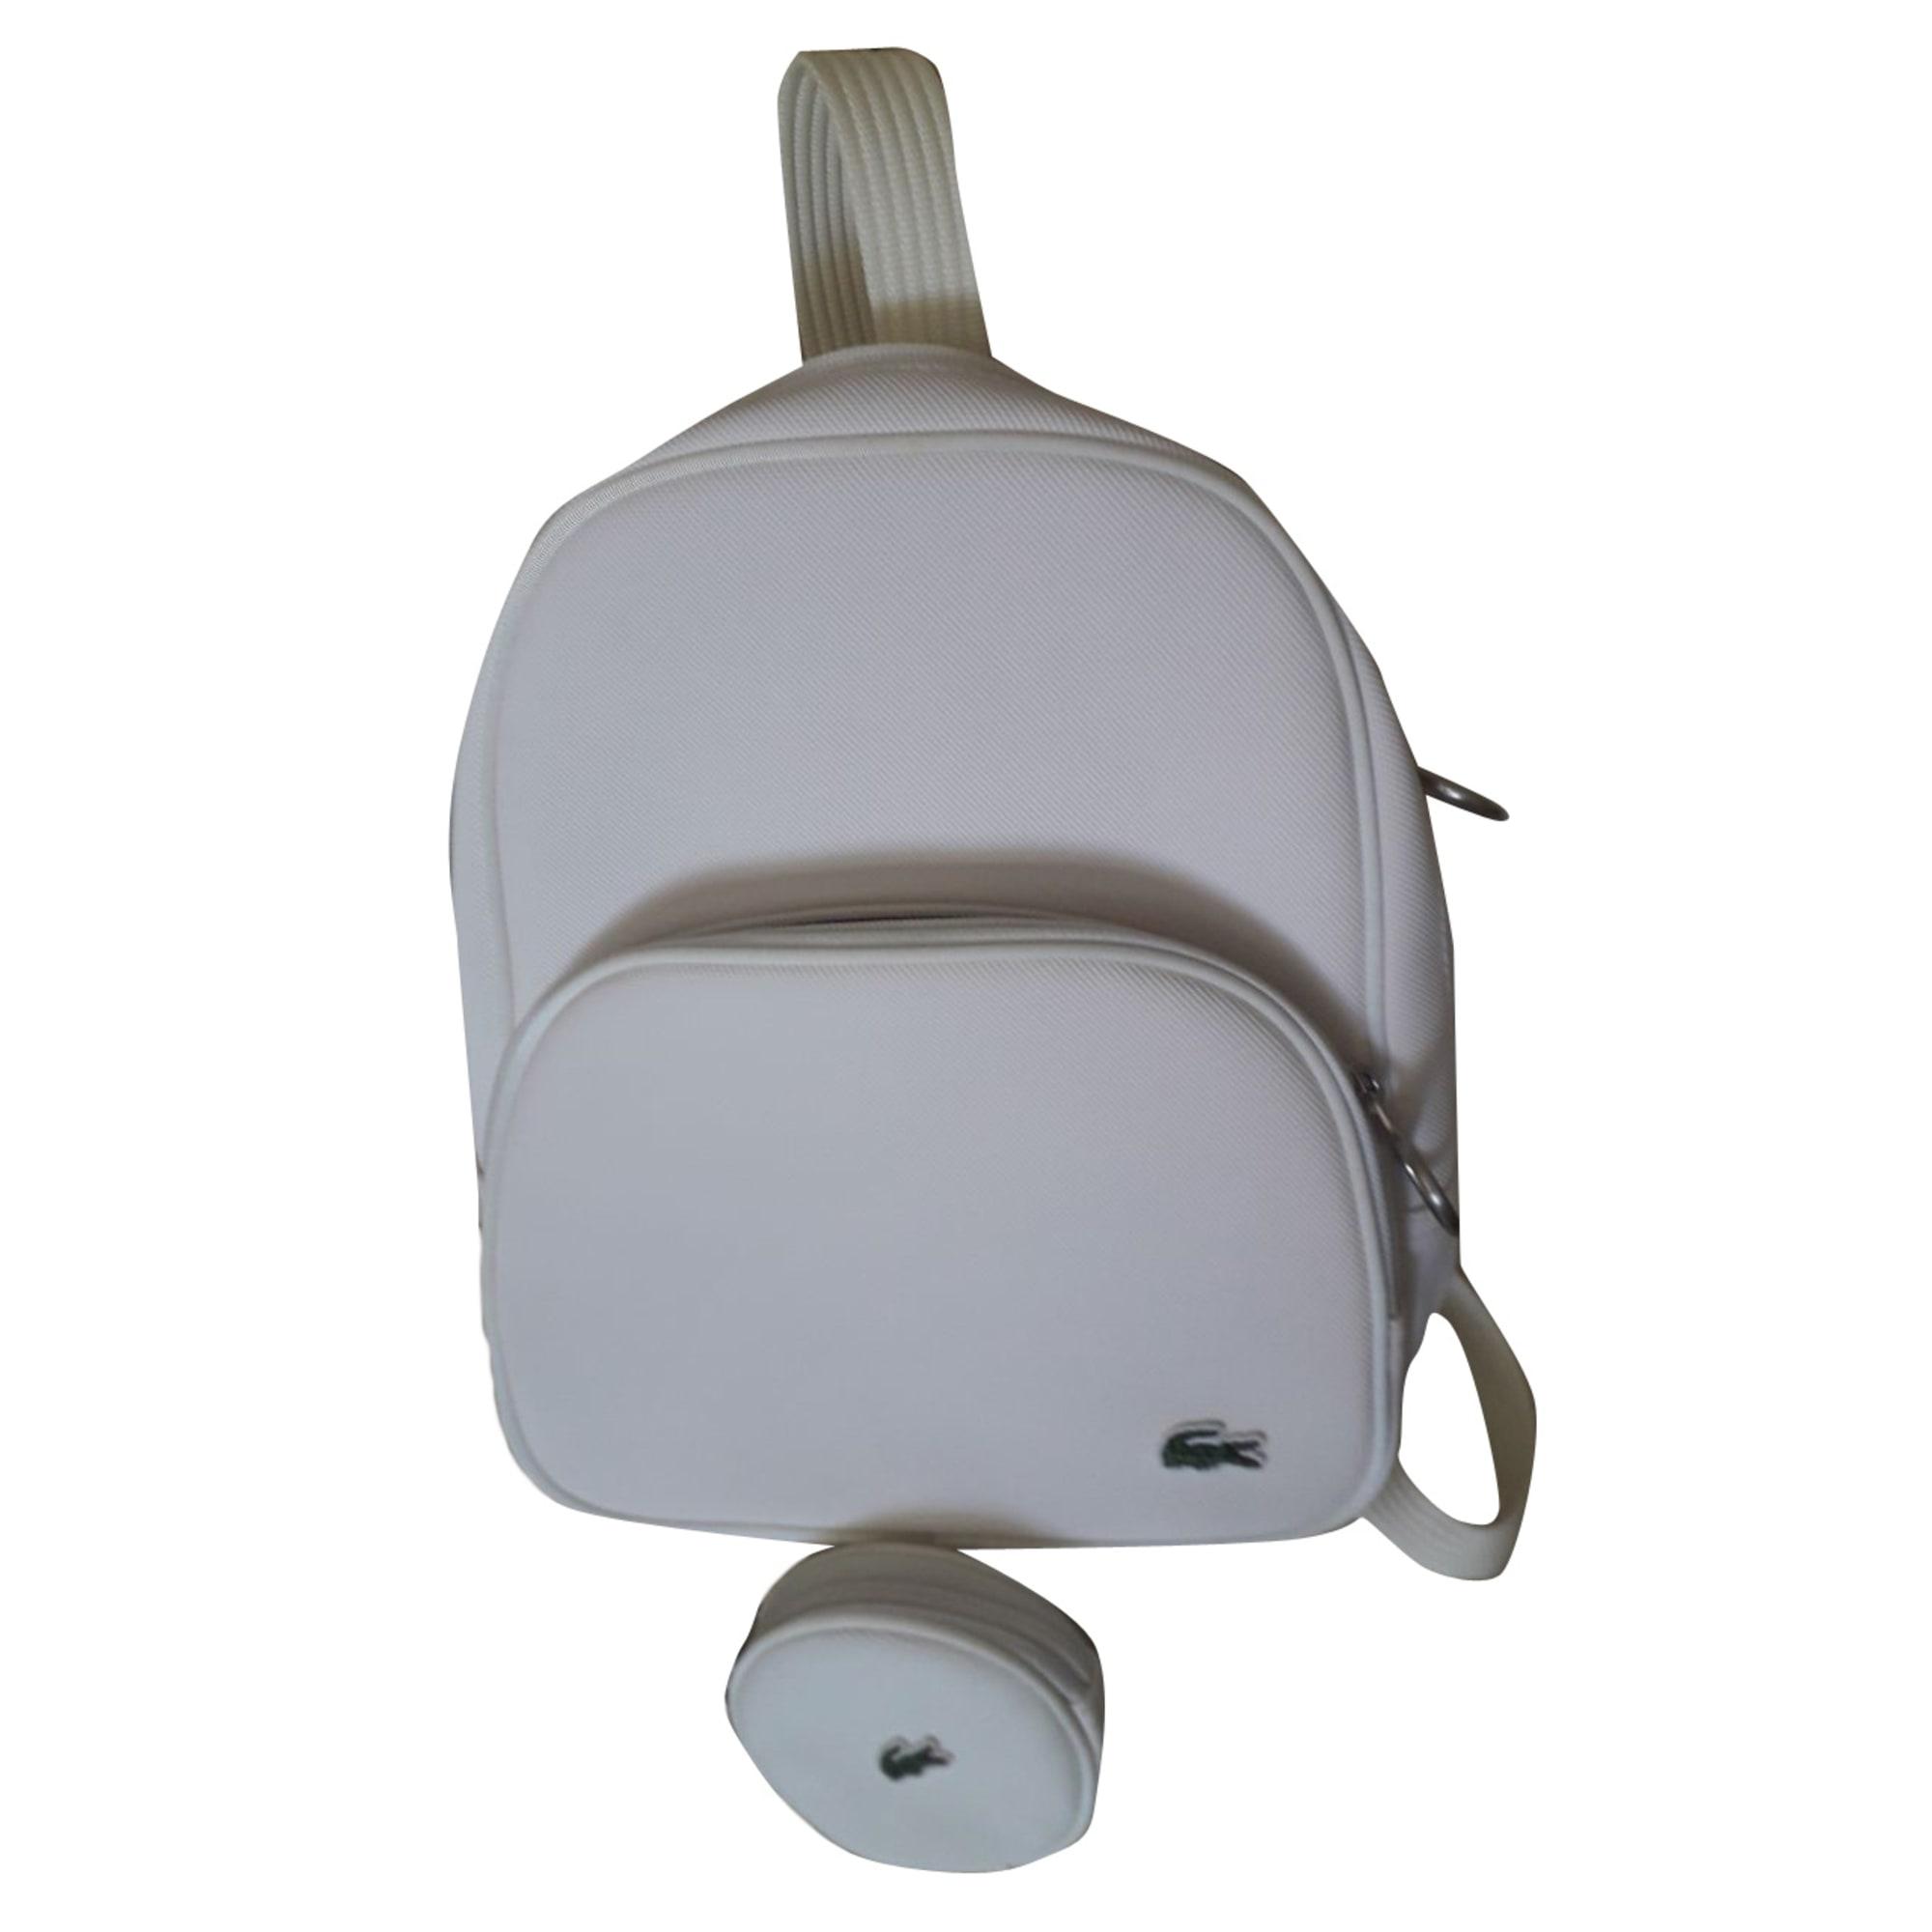 4466318e5a7 Sac à dos LACOSTE blanc vendu par Rej 1302 - 7929999